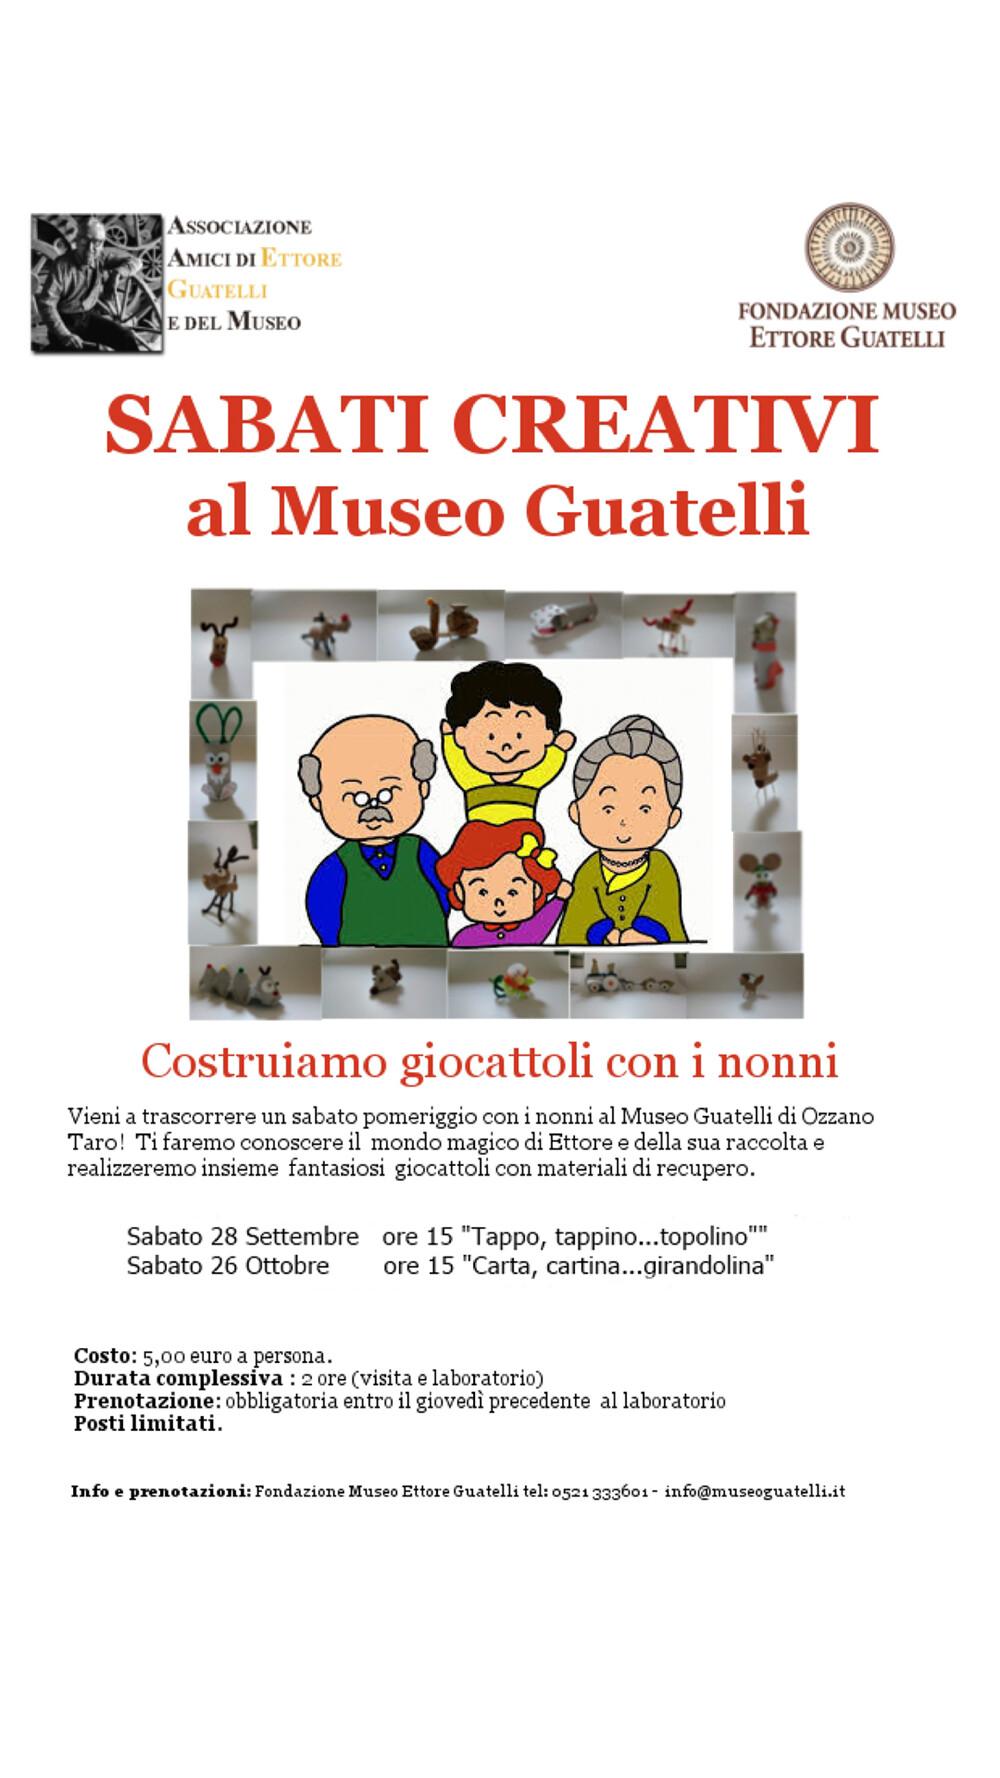 """Costruiamo un giocattolo con i nonni Dal 28 settembre tornano i """"sabati creativi"""" al Museo Guatelli  Tornano i sabati creativi al Museo Guatelli"""